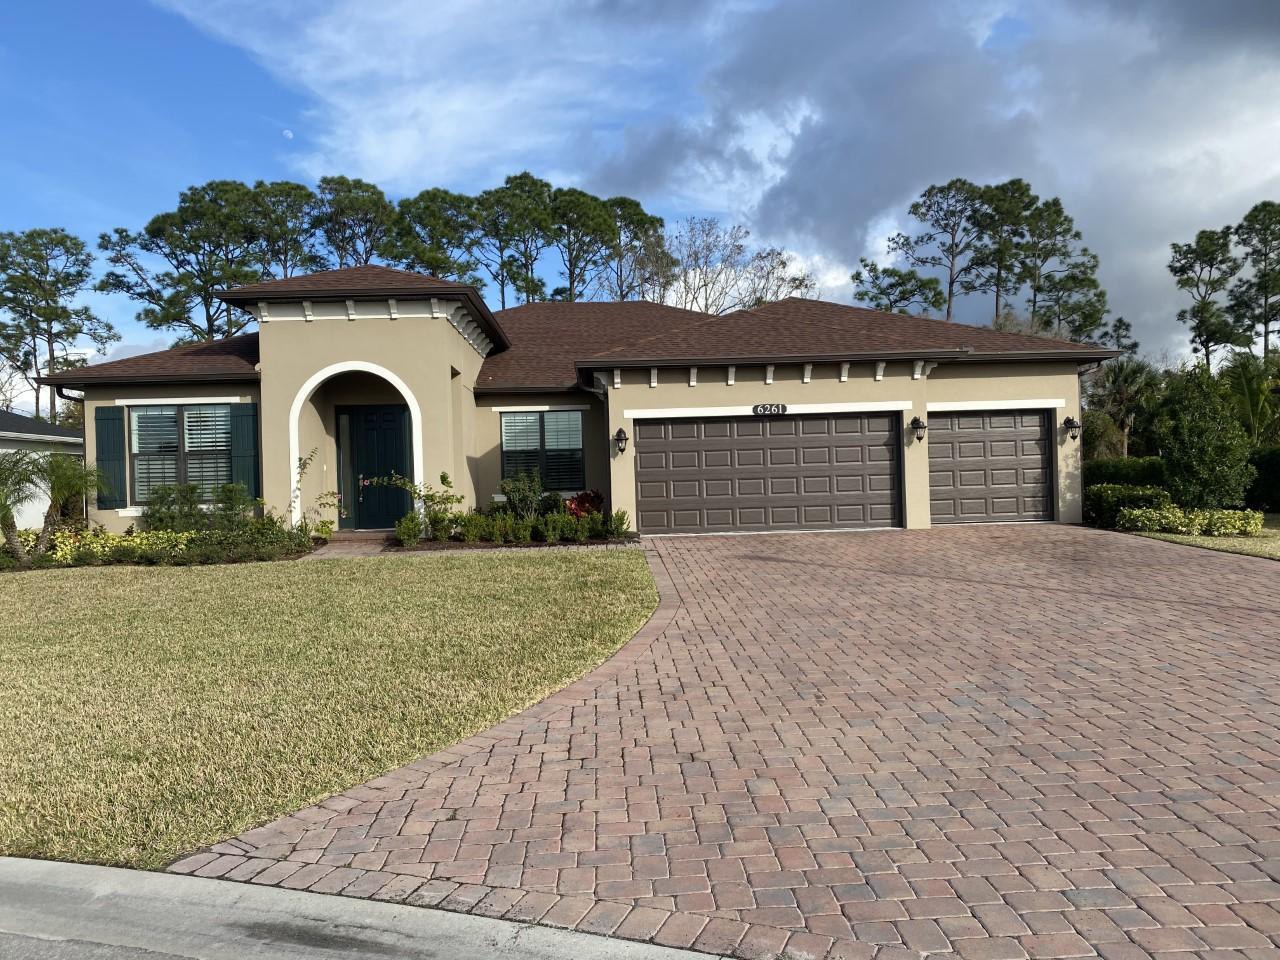 Photo of 6261 Arcadia Square, Vero Beach, FL 32966